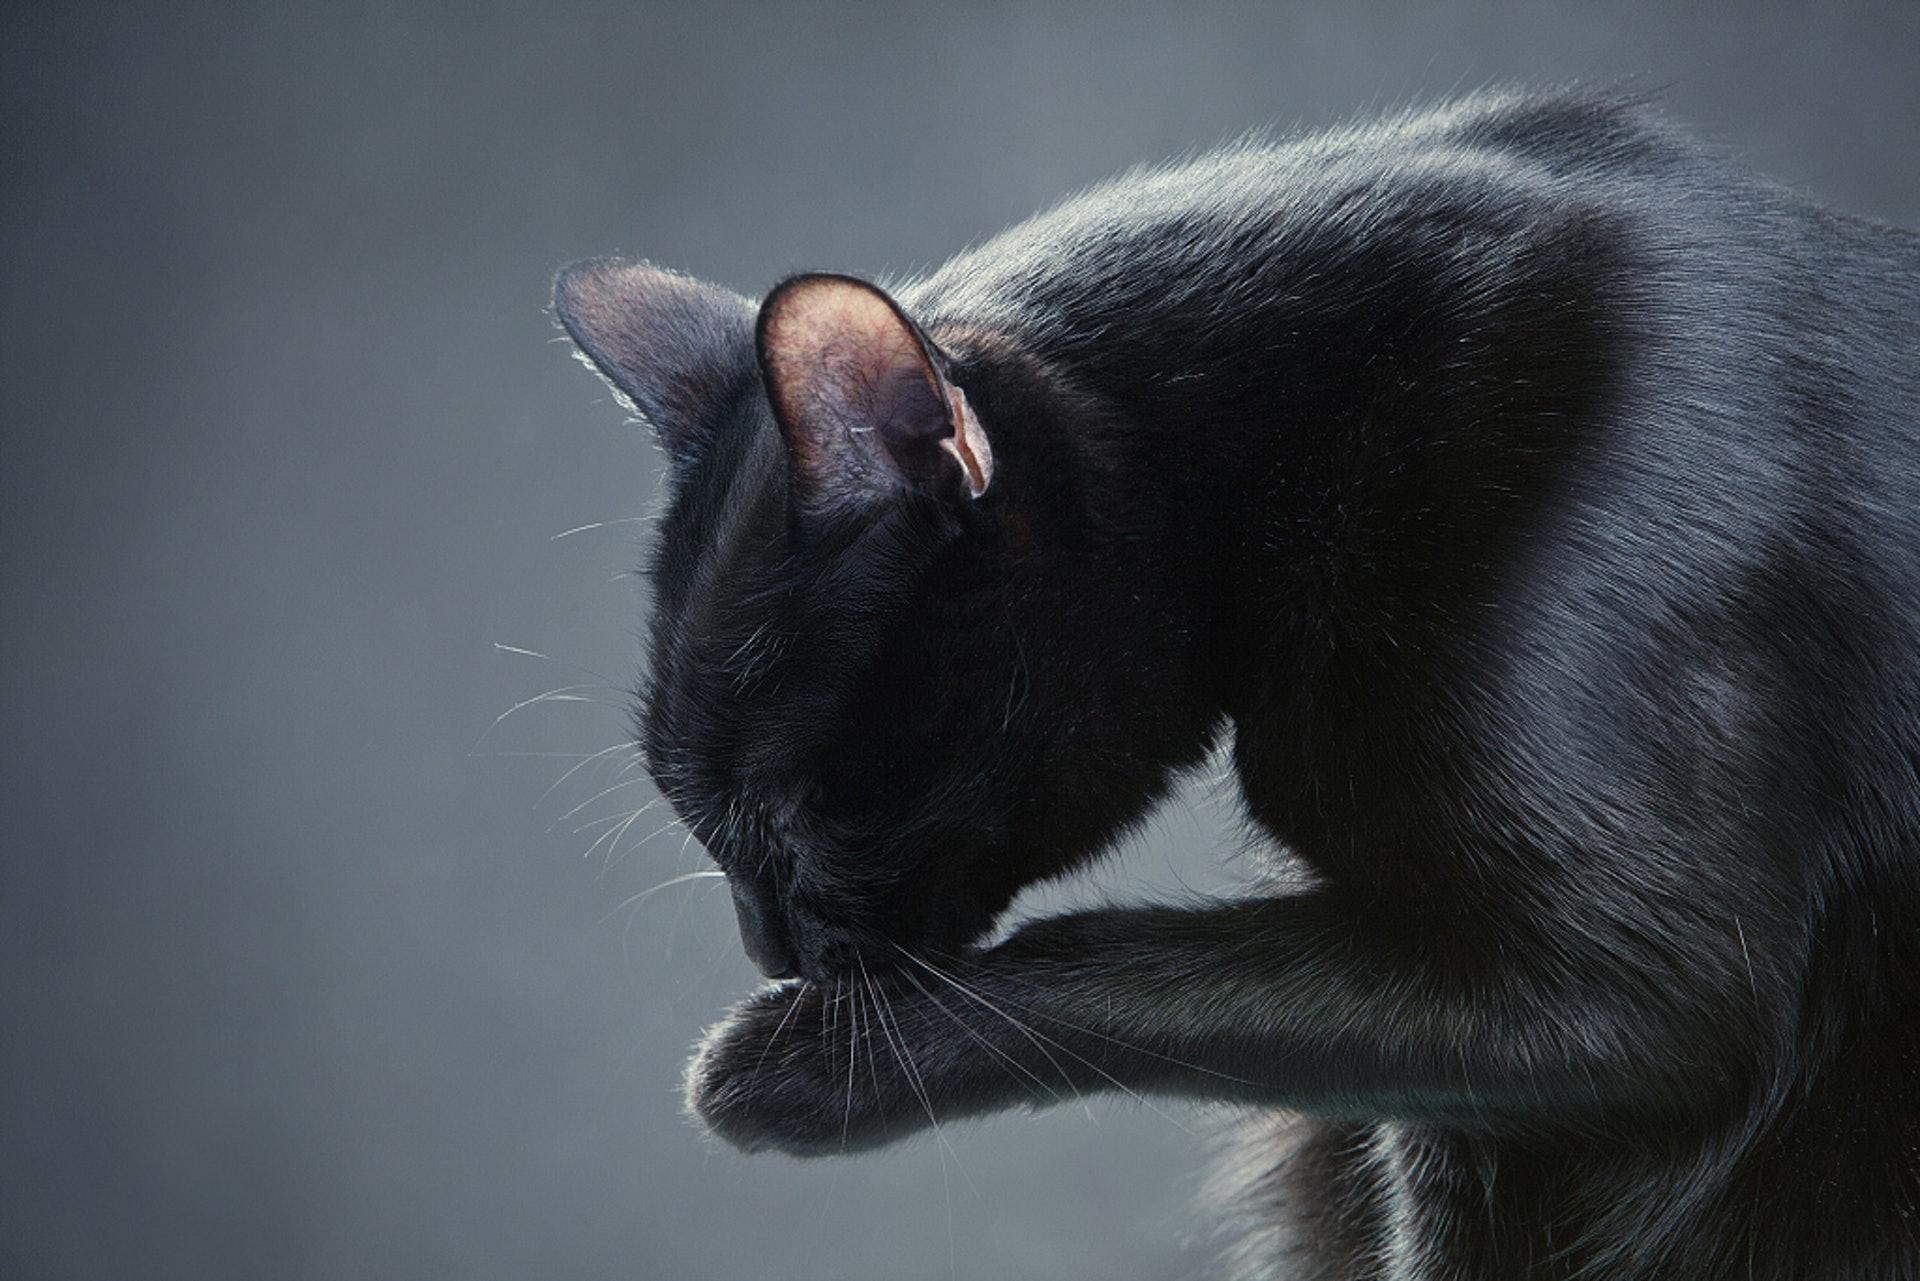 貓貓常常舔同一個地方?可能反映牠該處很痛!(VCG)